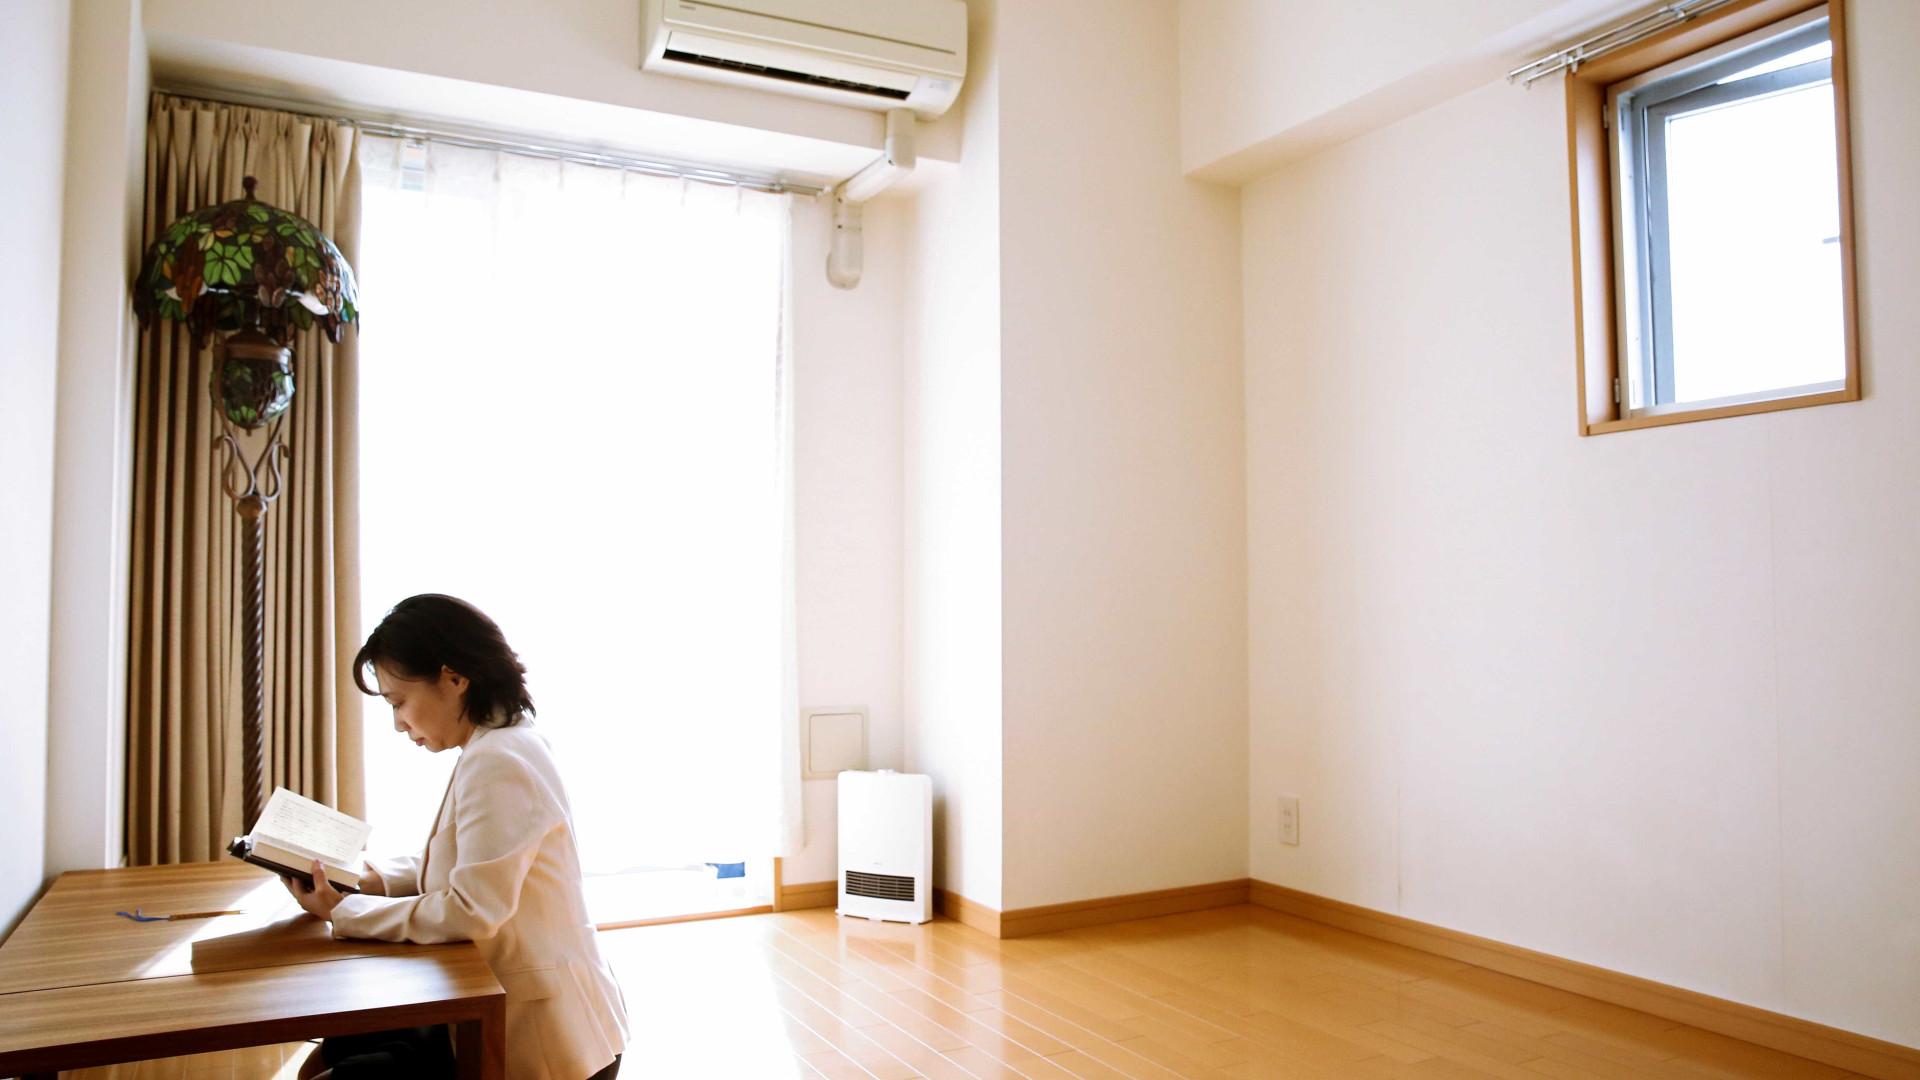 Casas minimalistas. De quantos objetos precisa para (sobre)viver?